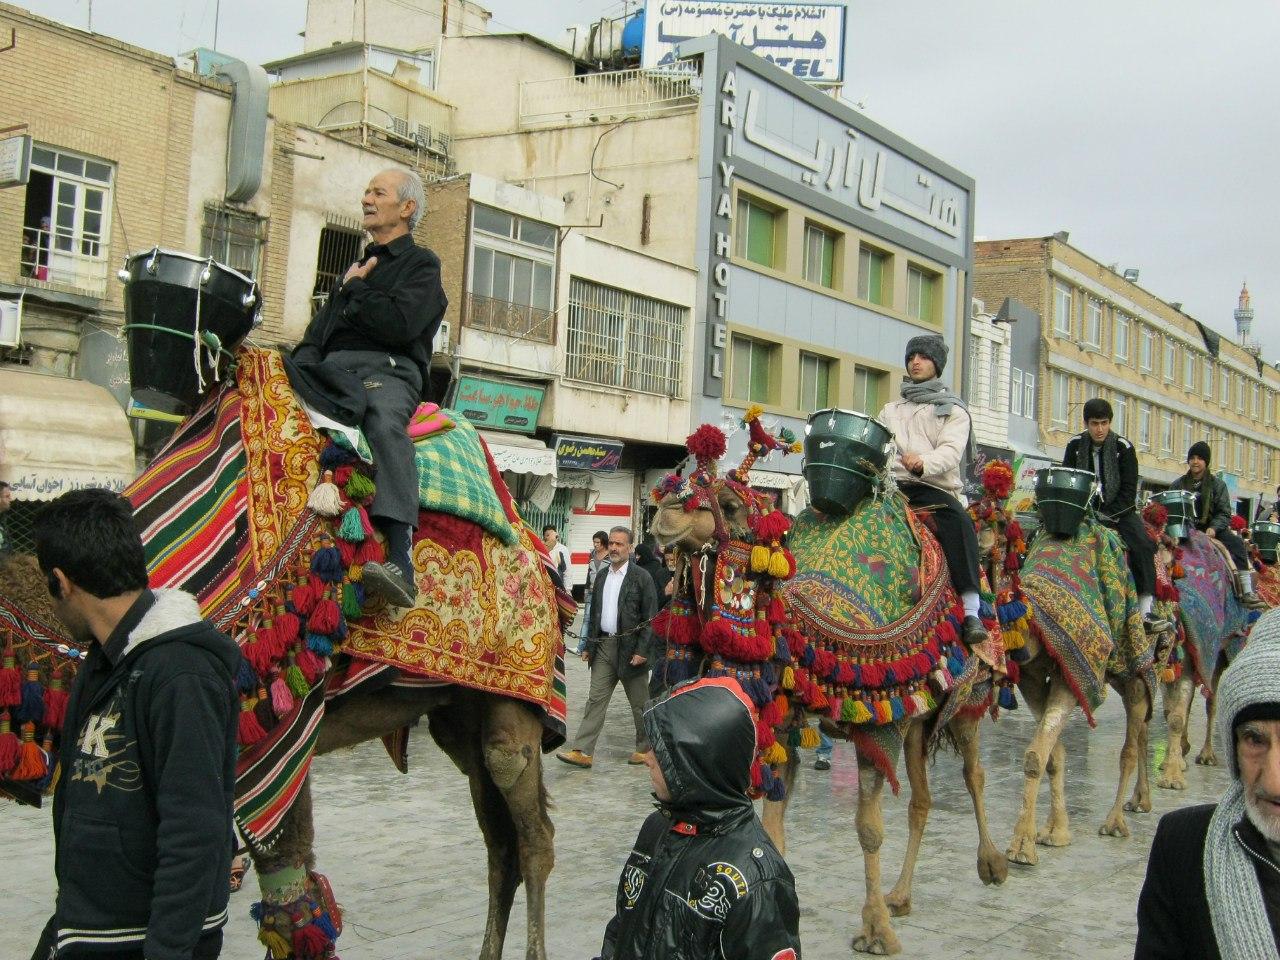 в Куме верблюжьи демонстрации